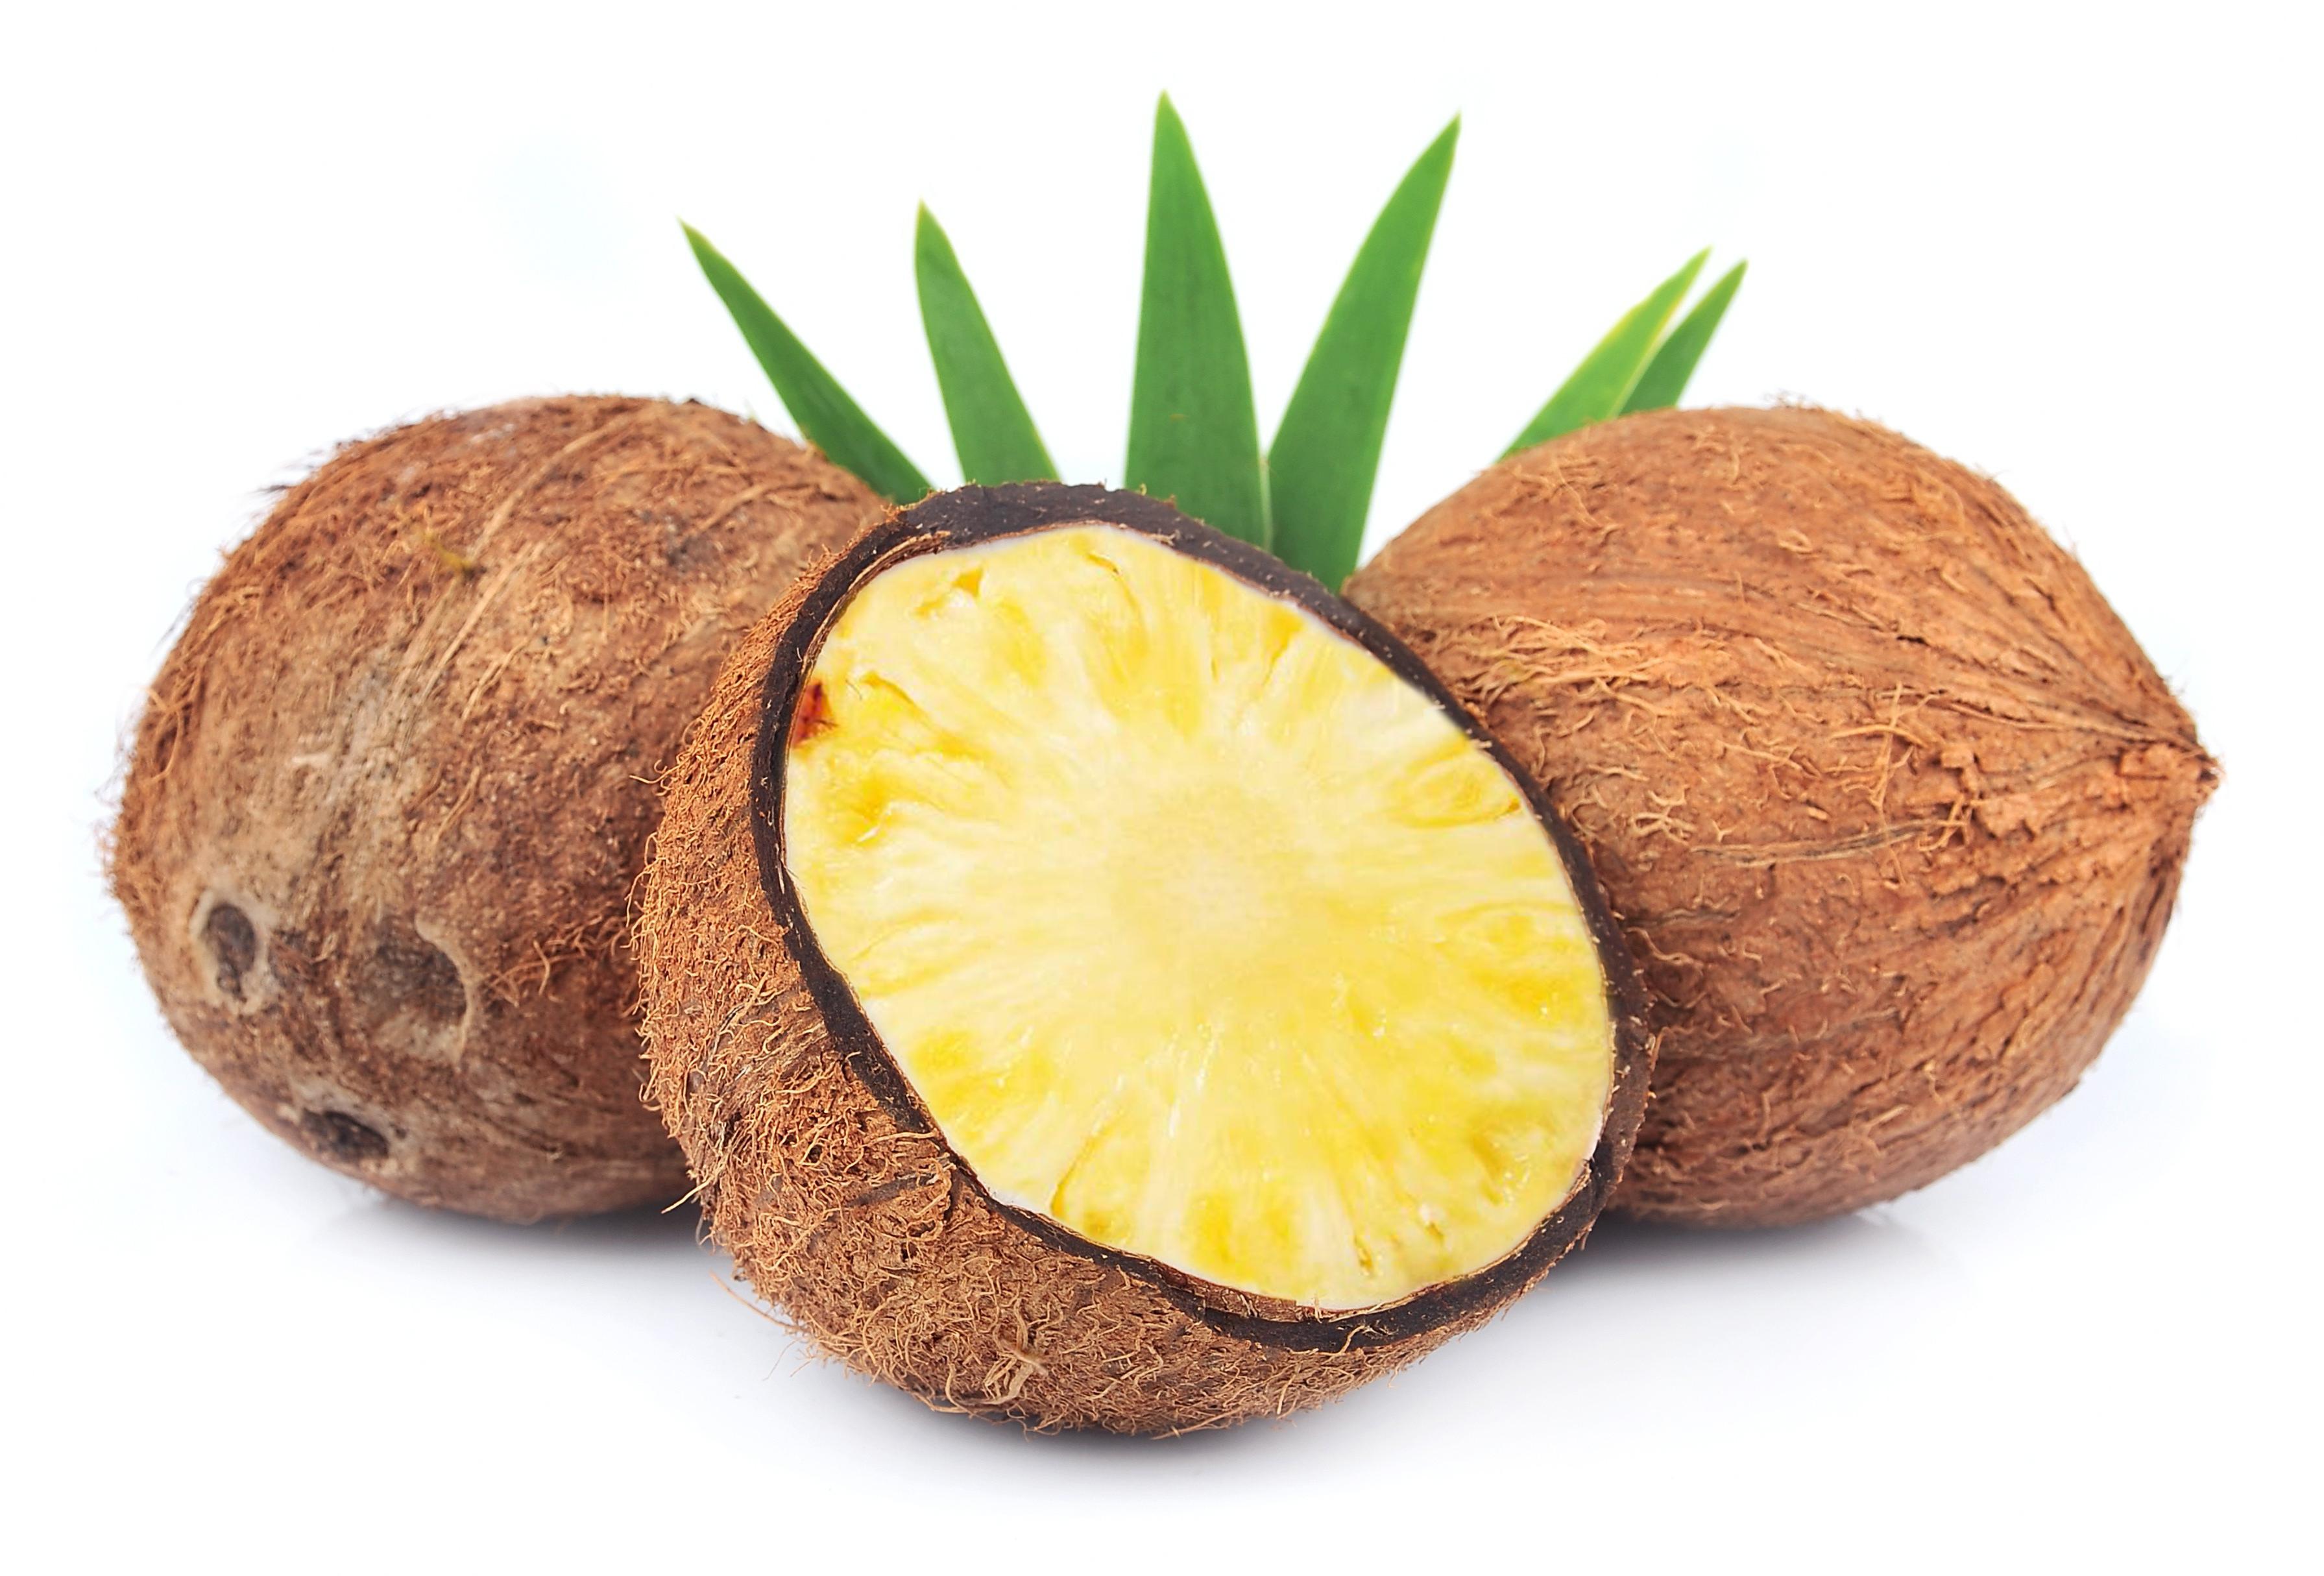 Noix de coco coupée en deux dévoile un ananas